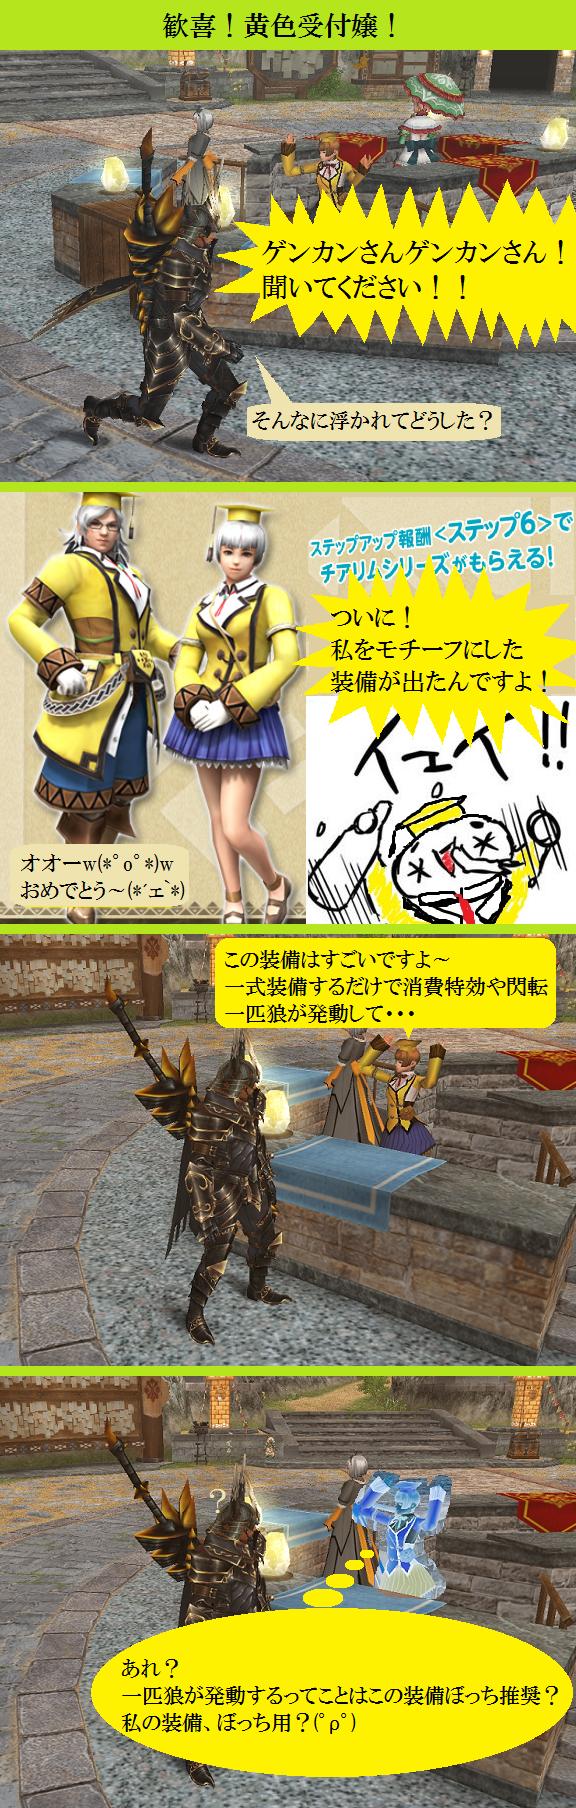 20160715 「歓喜!黄色受付嬢!」